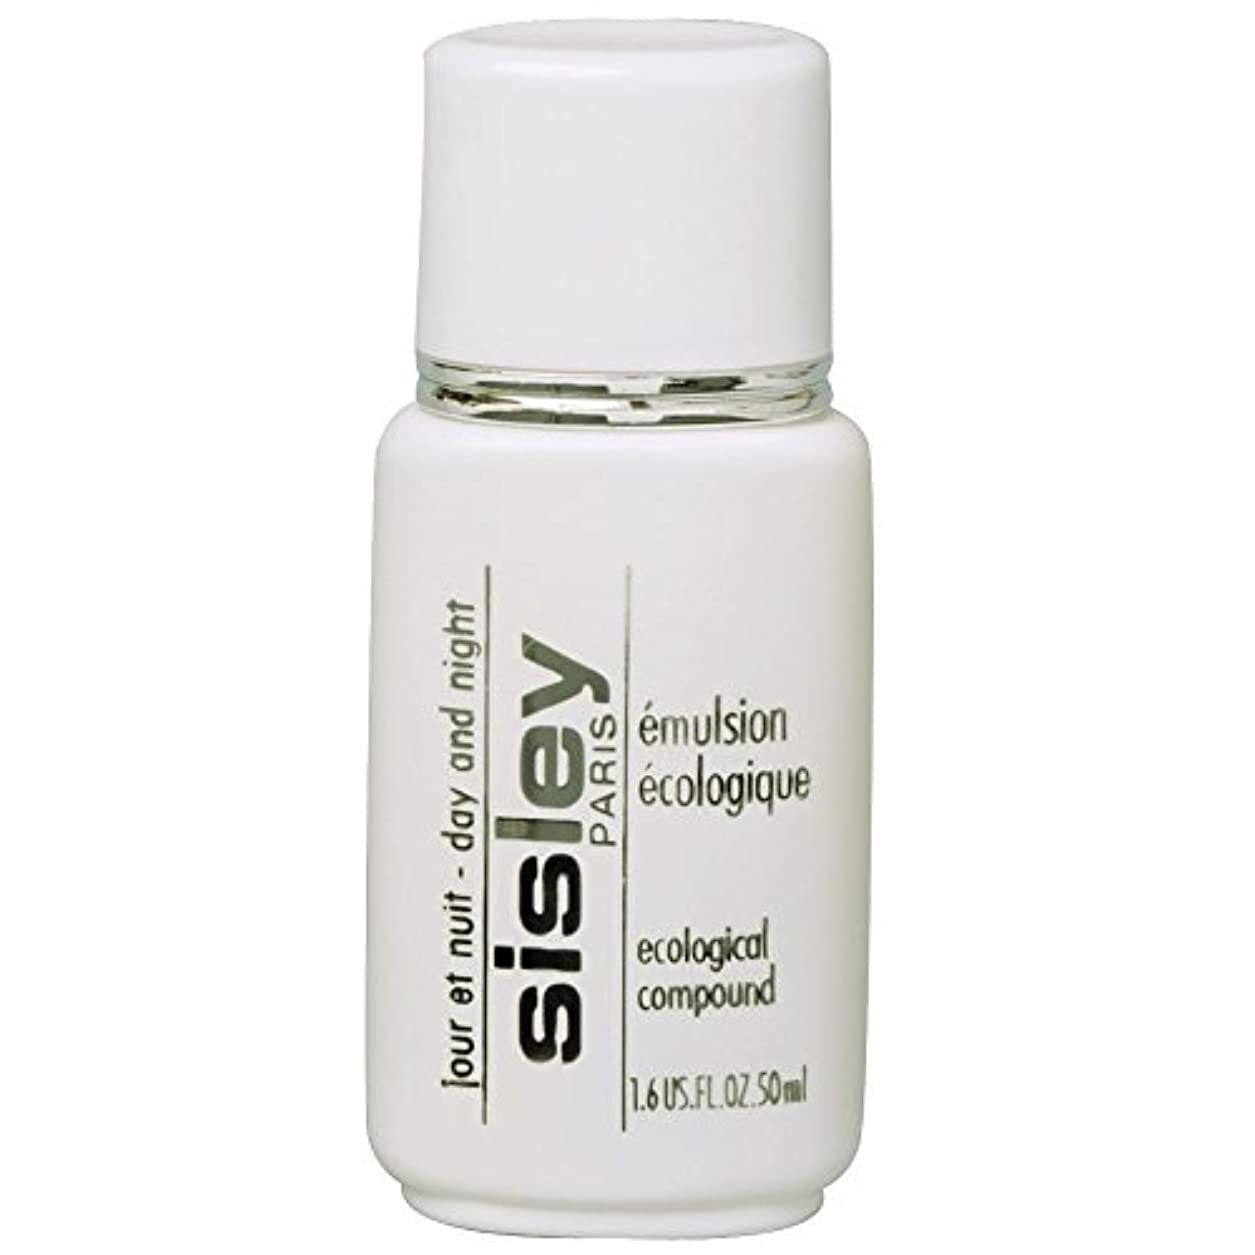 貫通振るう時間厳守[Sisley] シスレーエコロジカルな化合物、50ミリリットル - Sisley Ecological Compound, 50ml [並行輸入品]